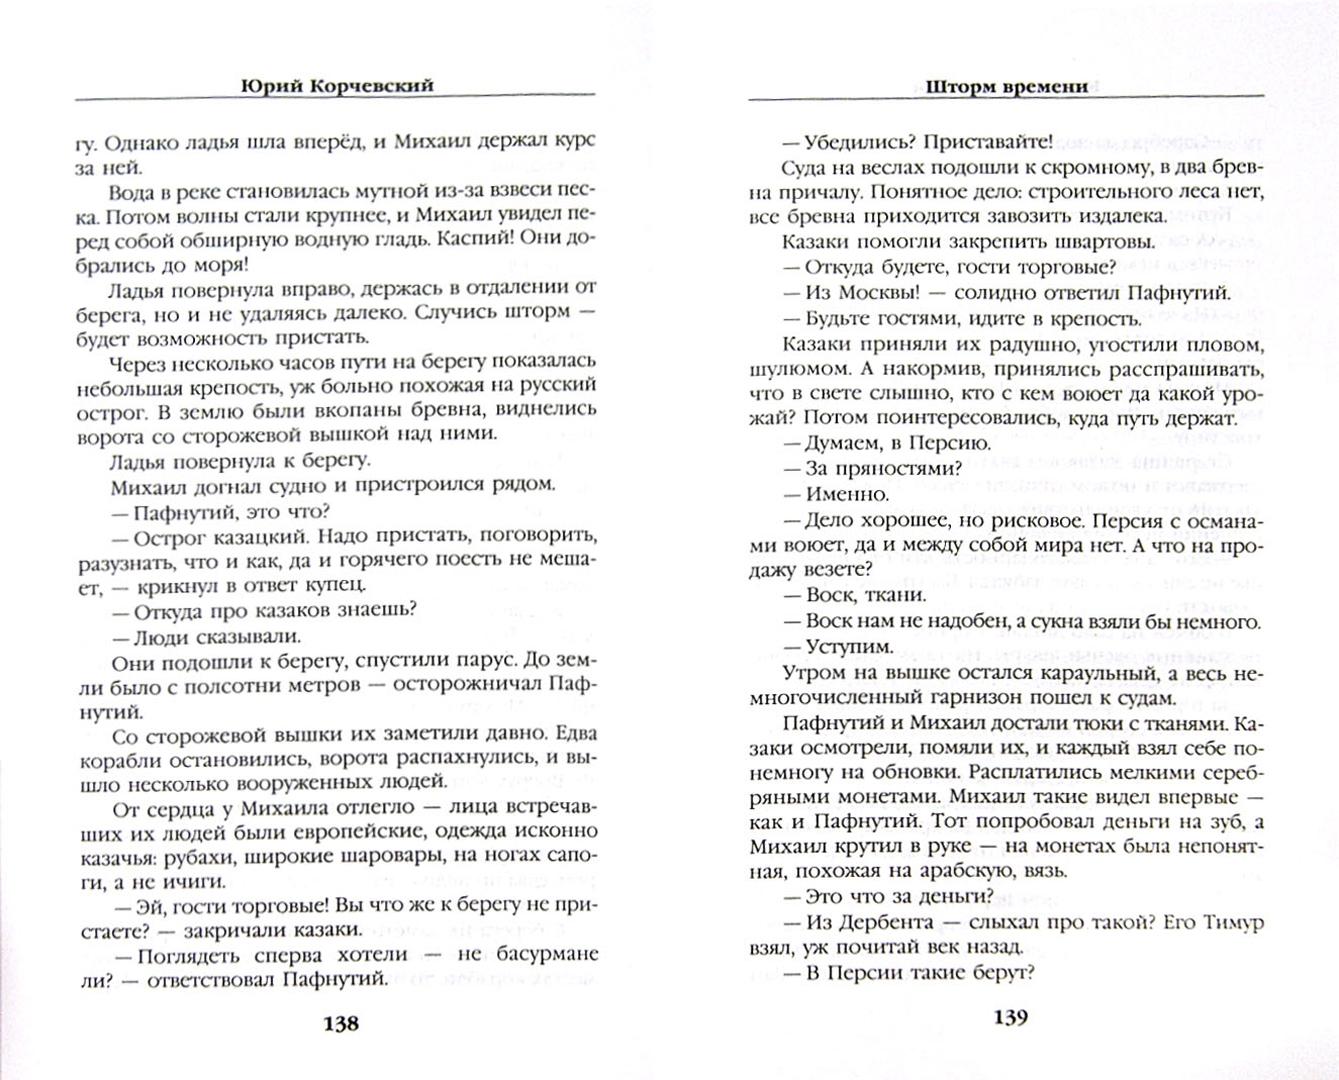 Иллюстрация 1 из 6 для Шторм Времени - Юрий Корчевский | Лабиринт - книги. Источник: Лабиринт